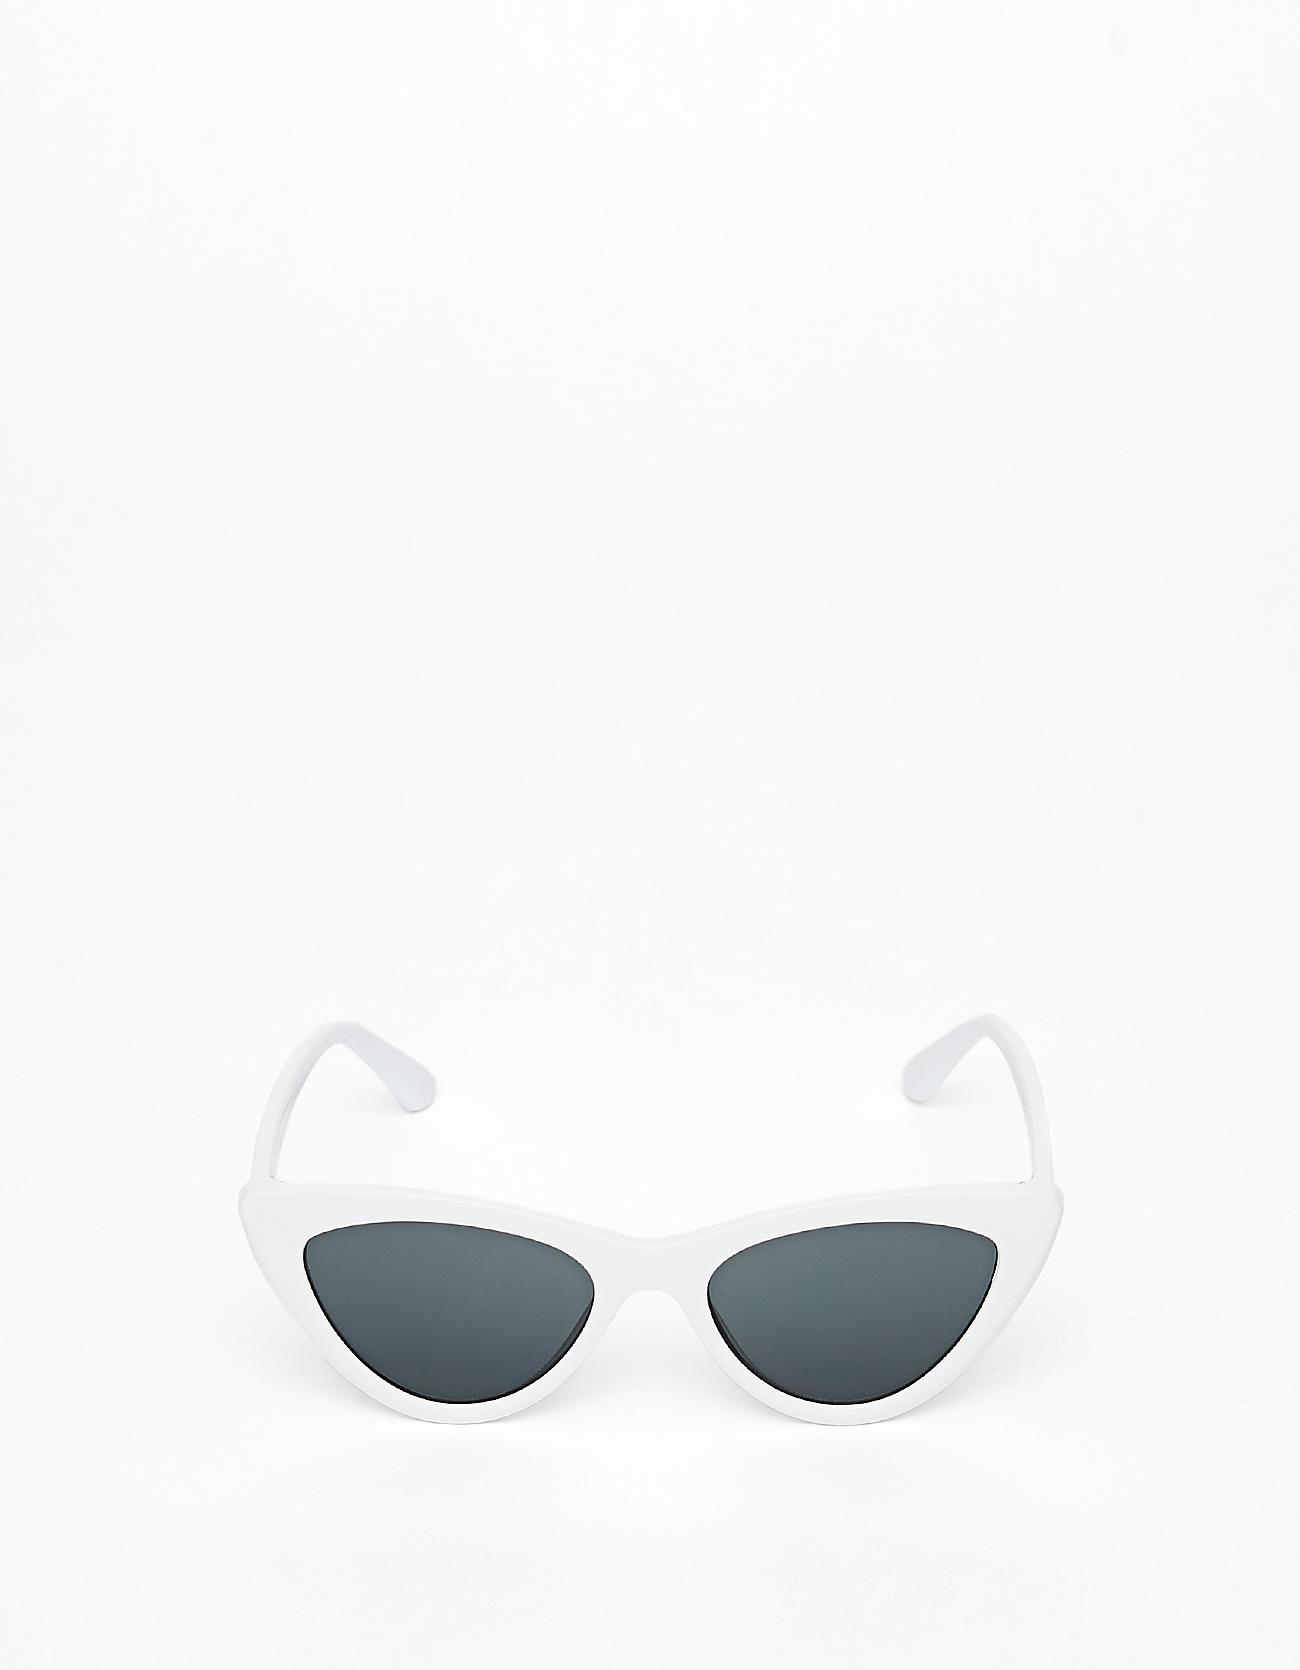 624559594f Gafas de sol retro de ojos de gato en blanco, de Stradivarius White cat eye